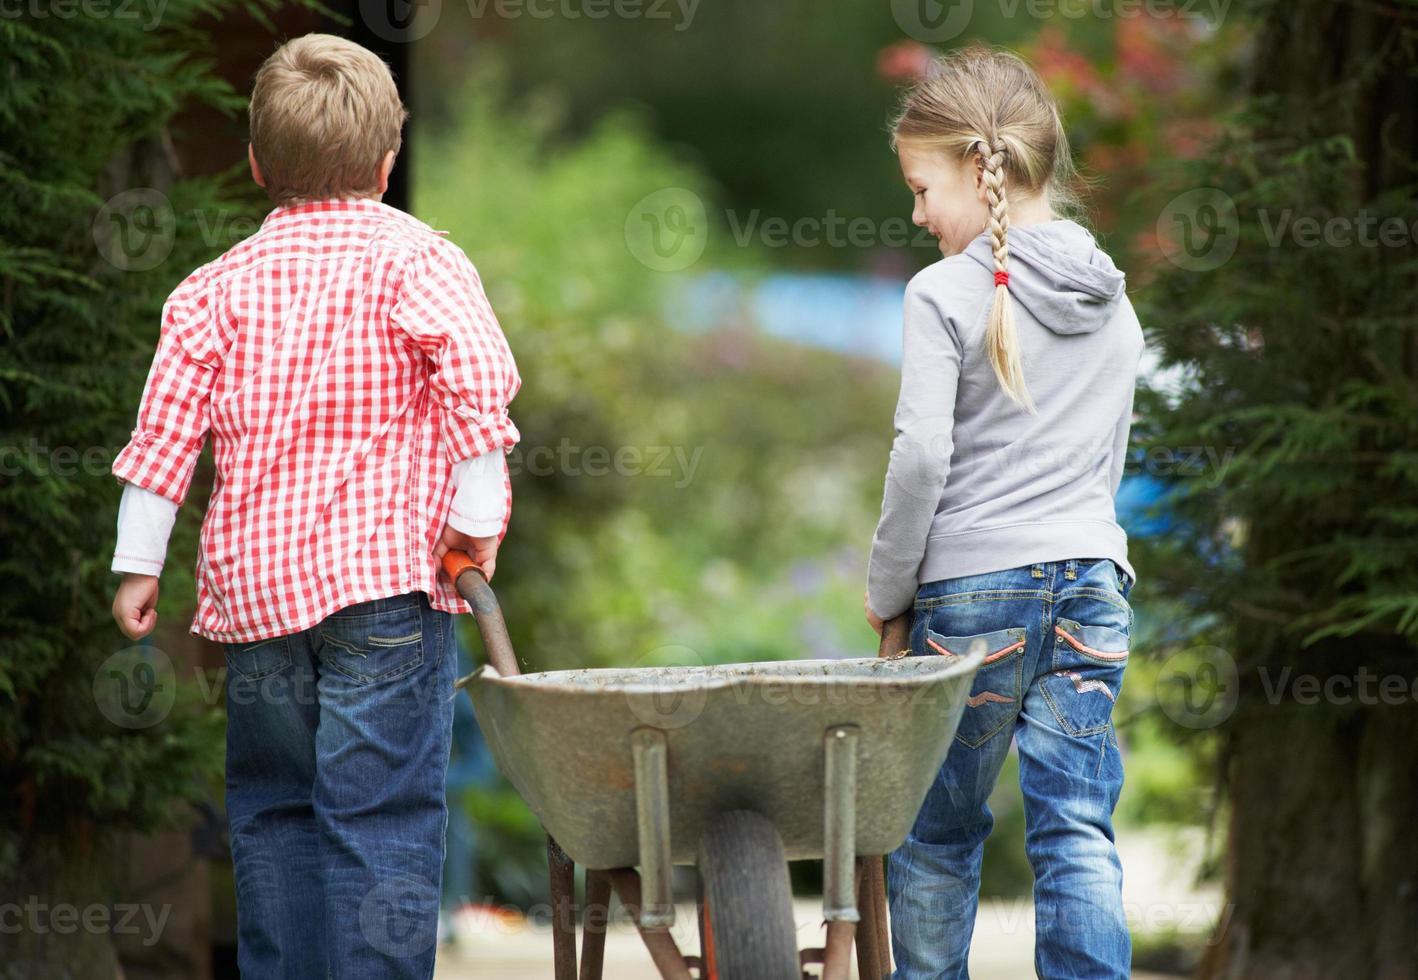 due bambini che giocano con la carriola in giardino foto